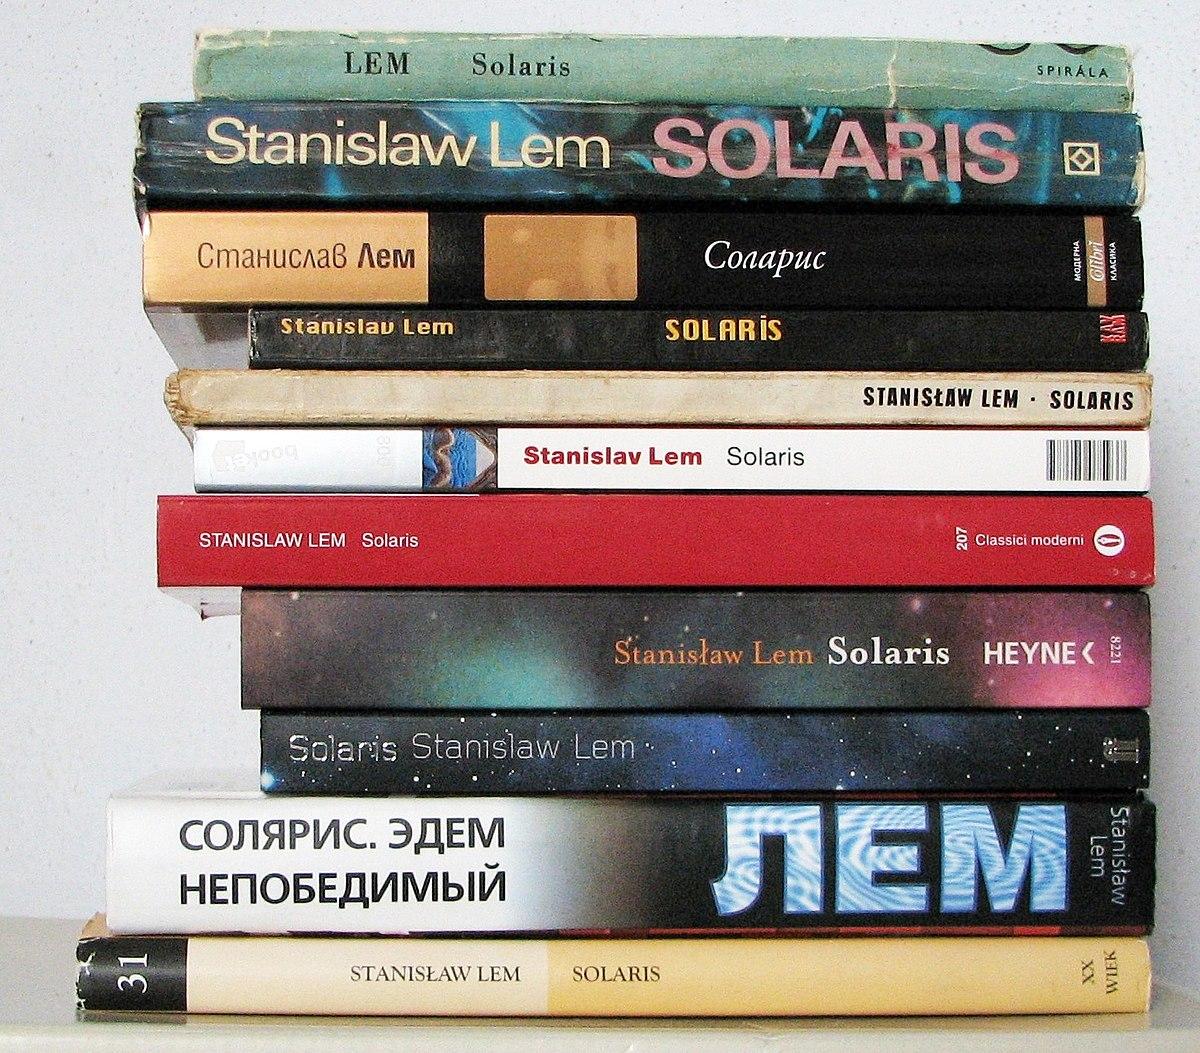 Солярис книга Краткое Содержание